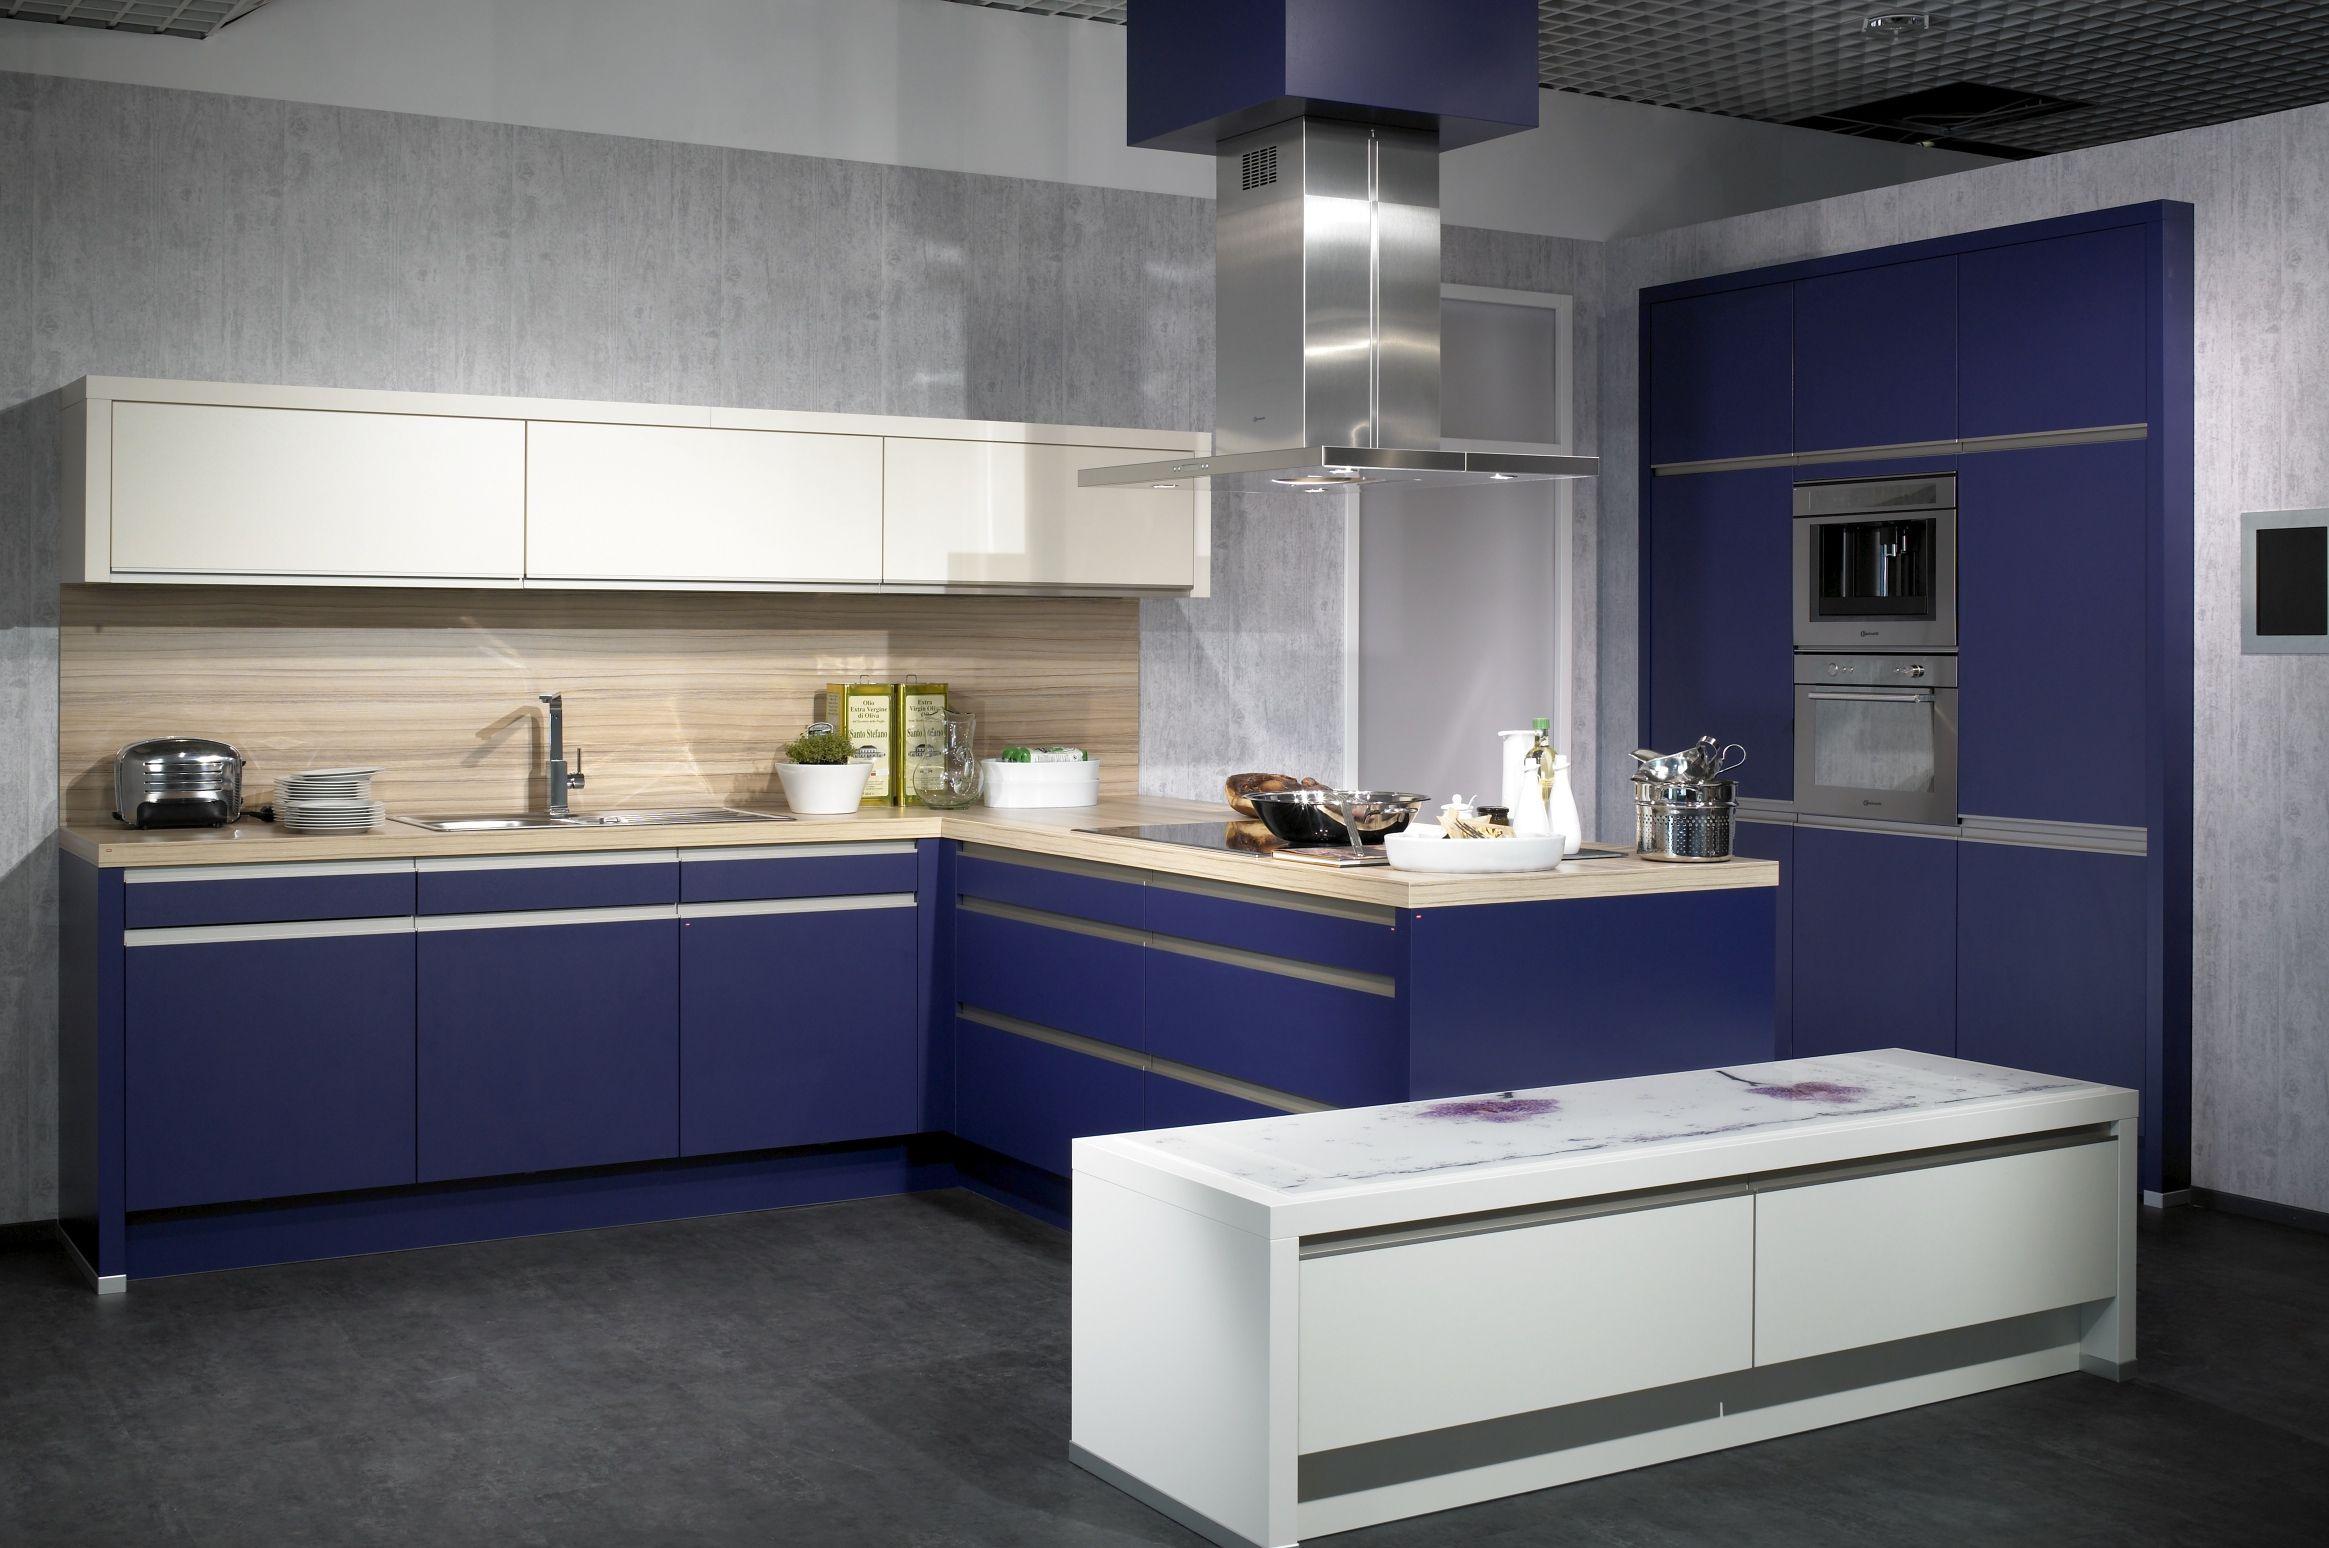 Cocina en azul y blanco con detalles en madera natural for Cocina de madera antracita